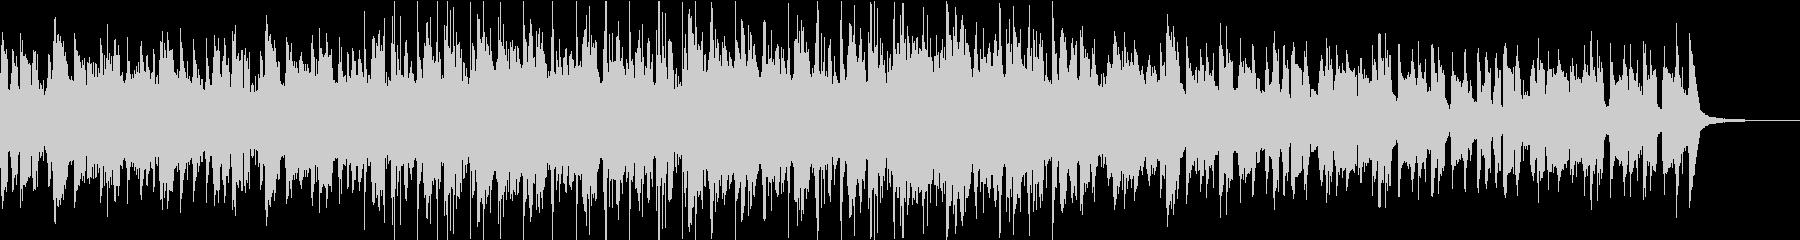 60秒 ピアノが印象的なドラムンベースの未再生の波形